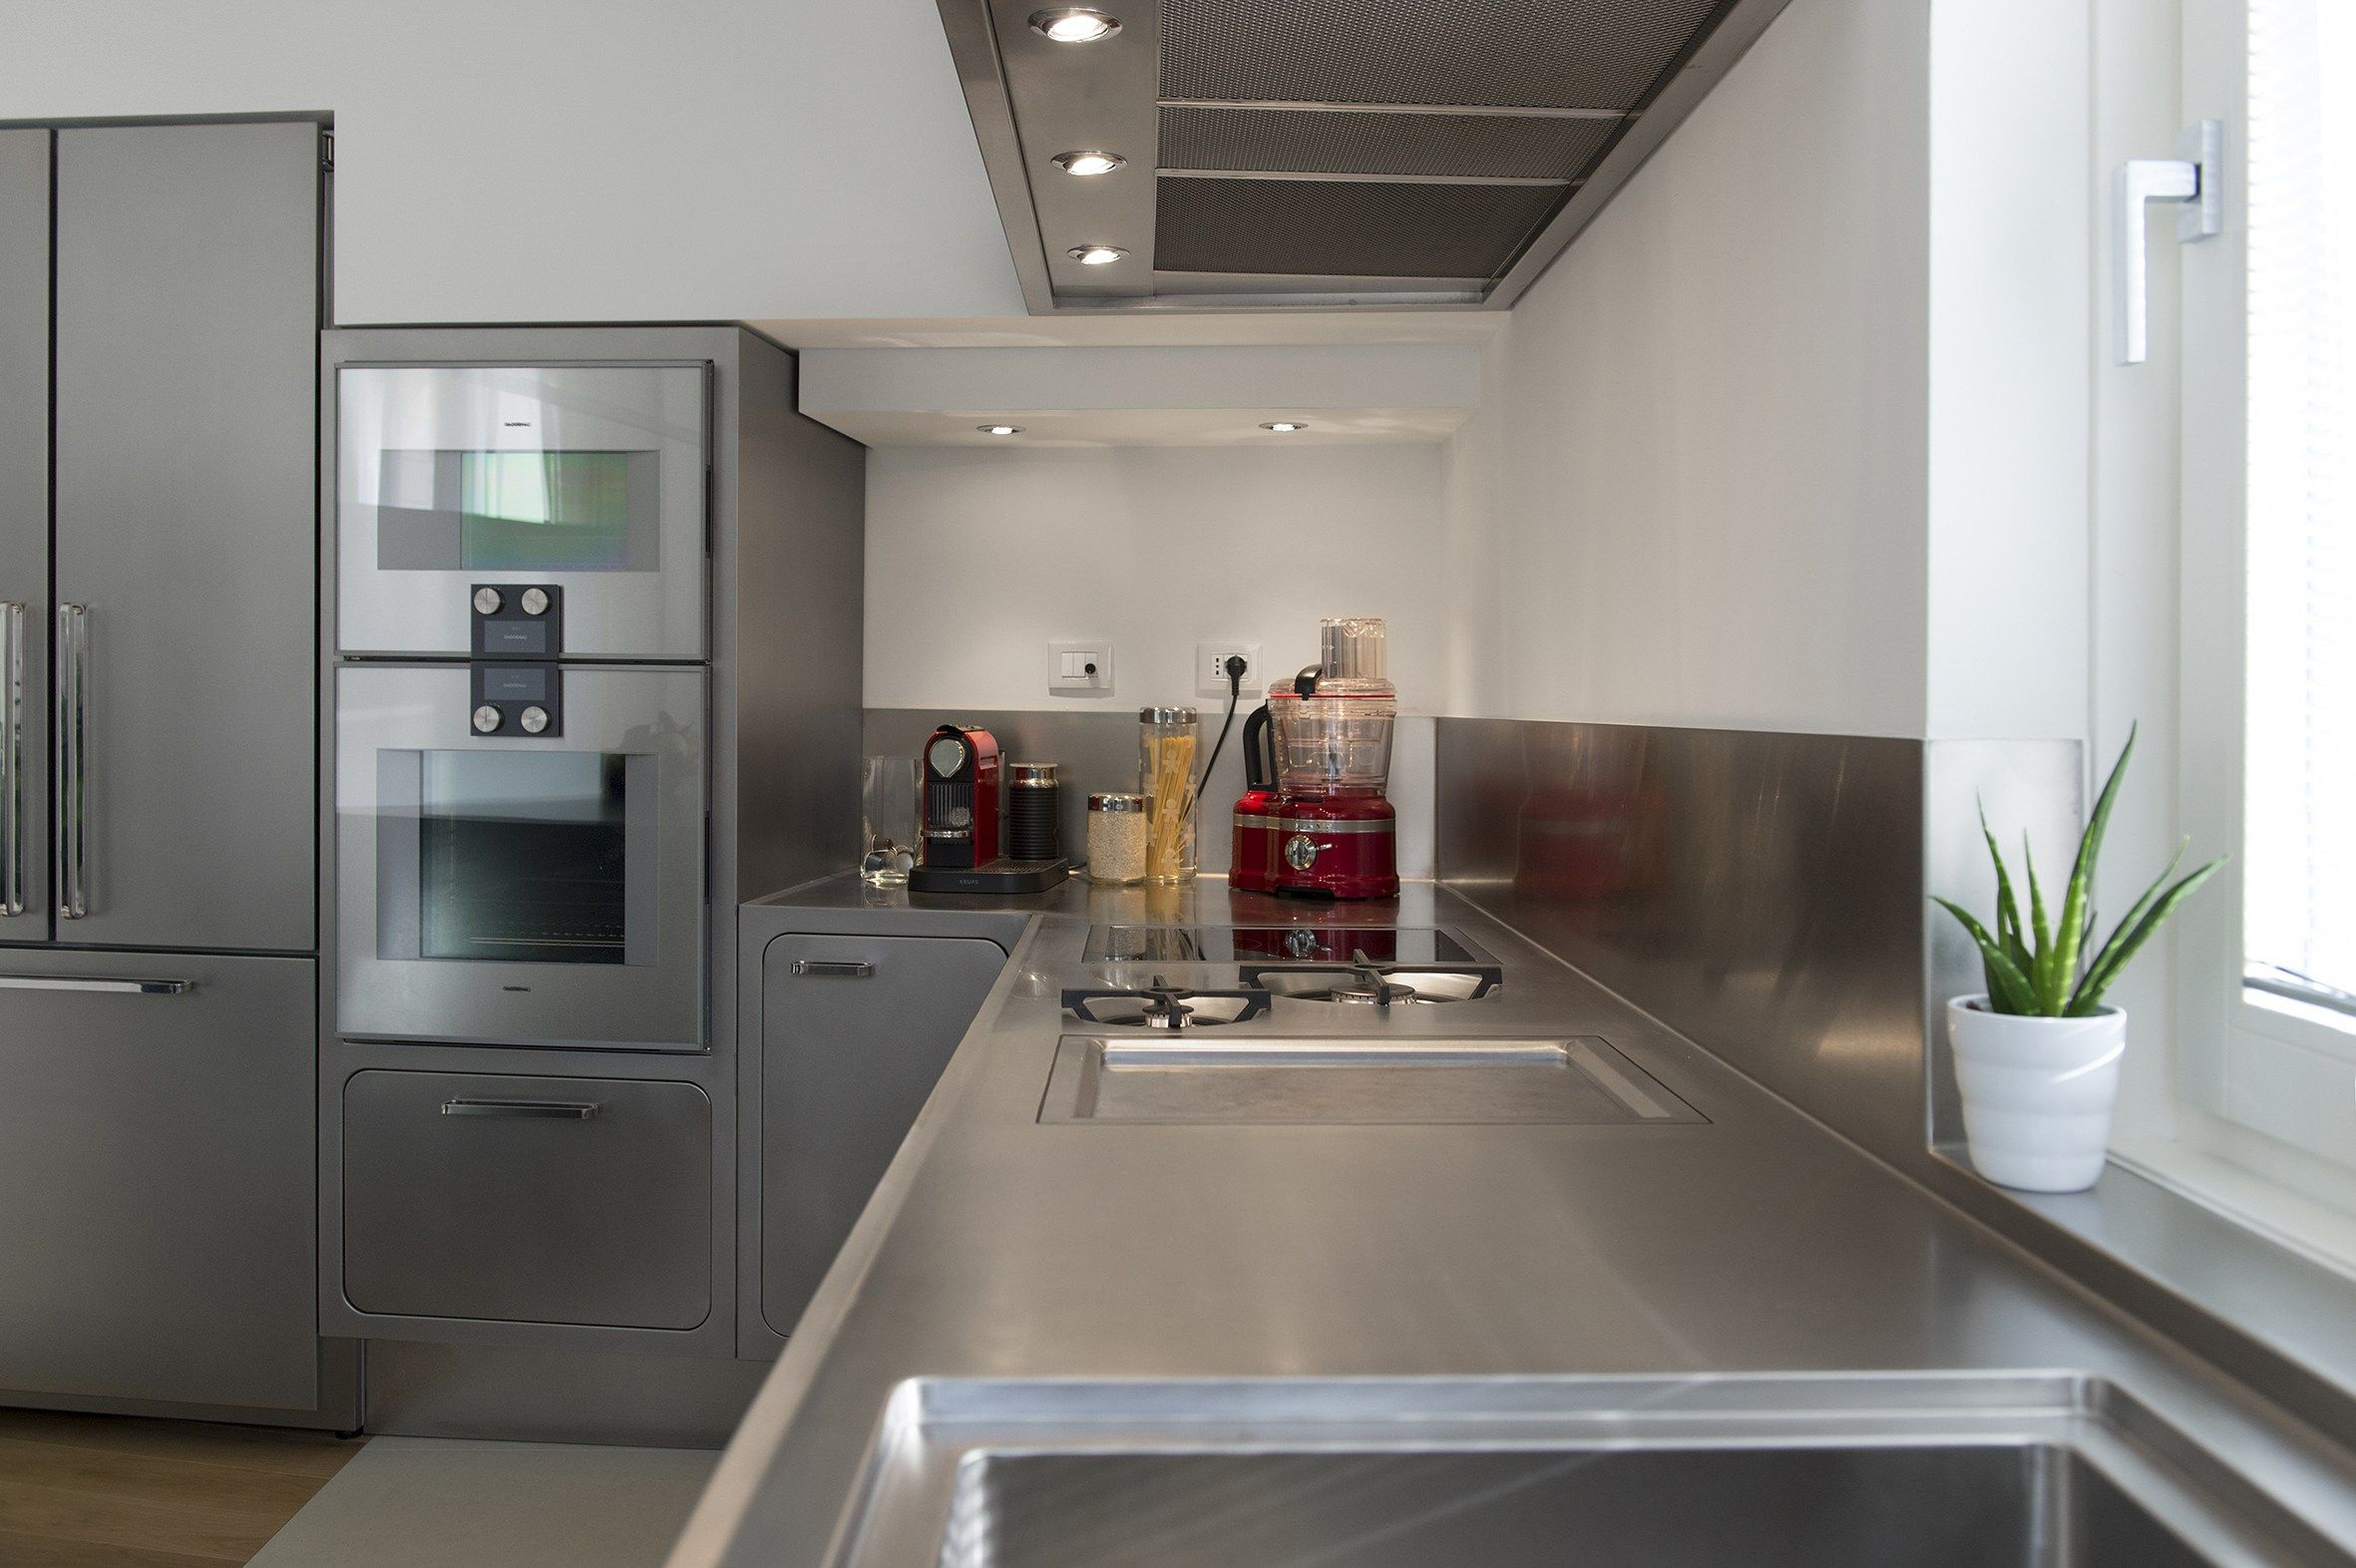 Cocina de acero inoxidable para uso profesional EGO by ABIMIS by ...